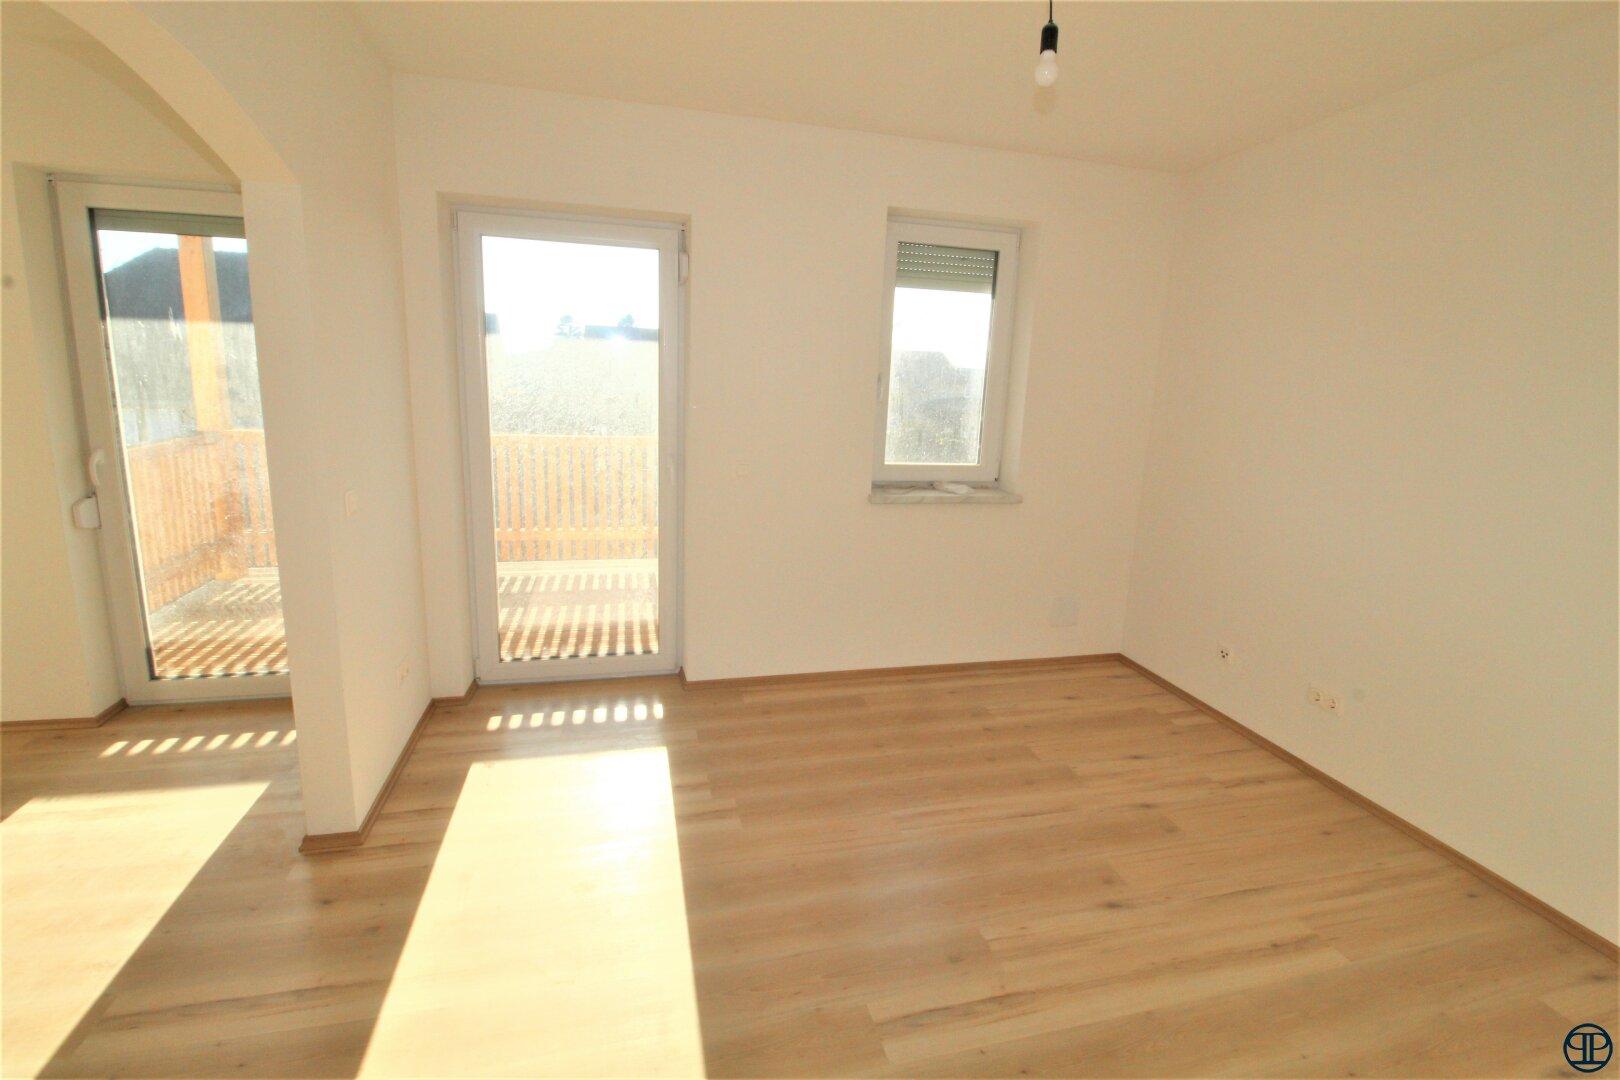 Schlafzimmer mit Balkonausgang